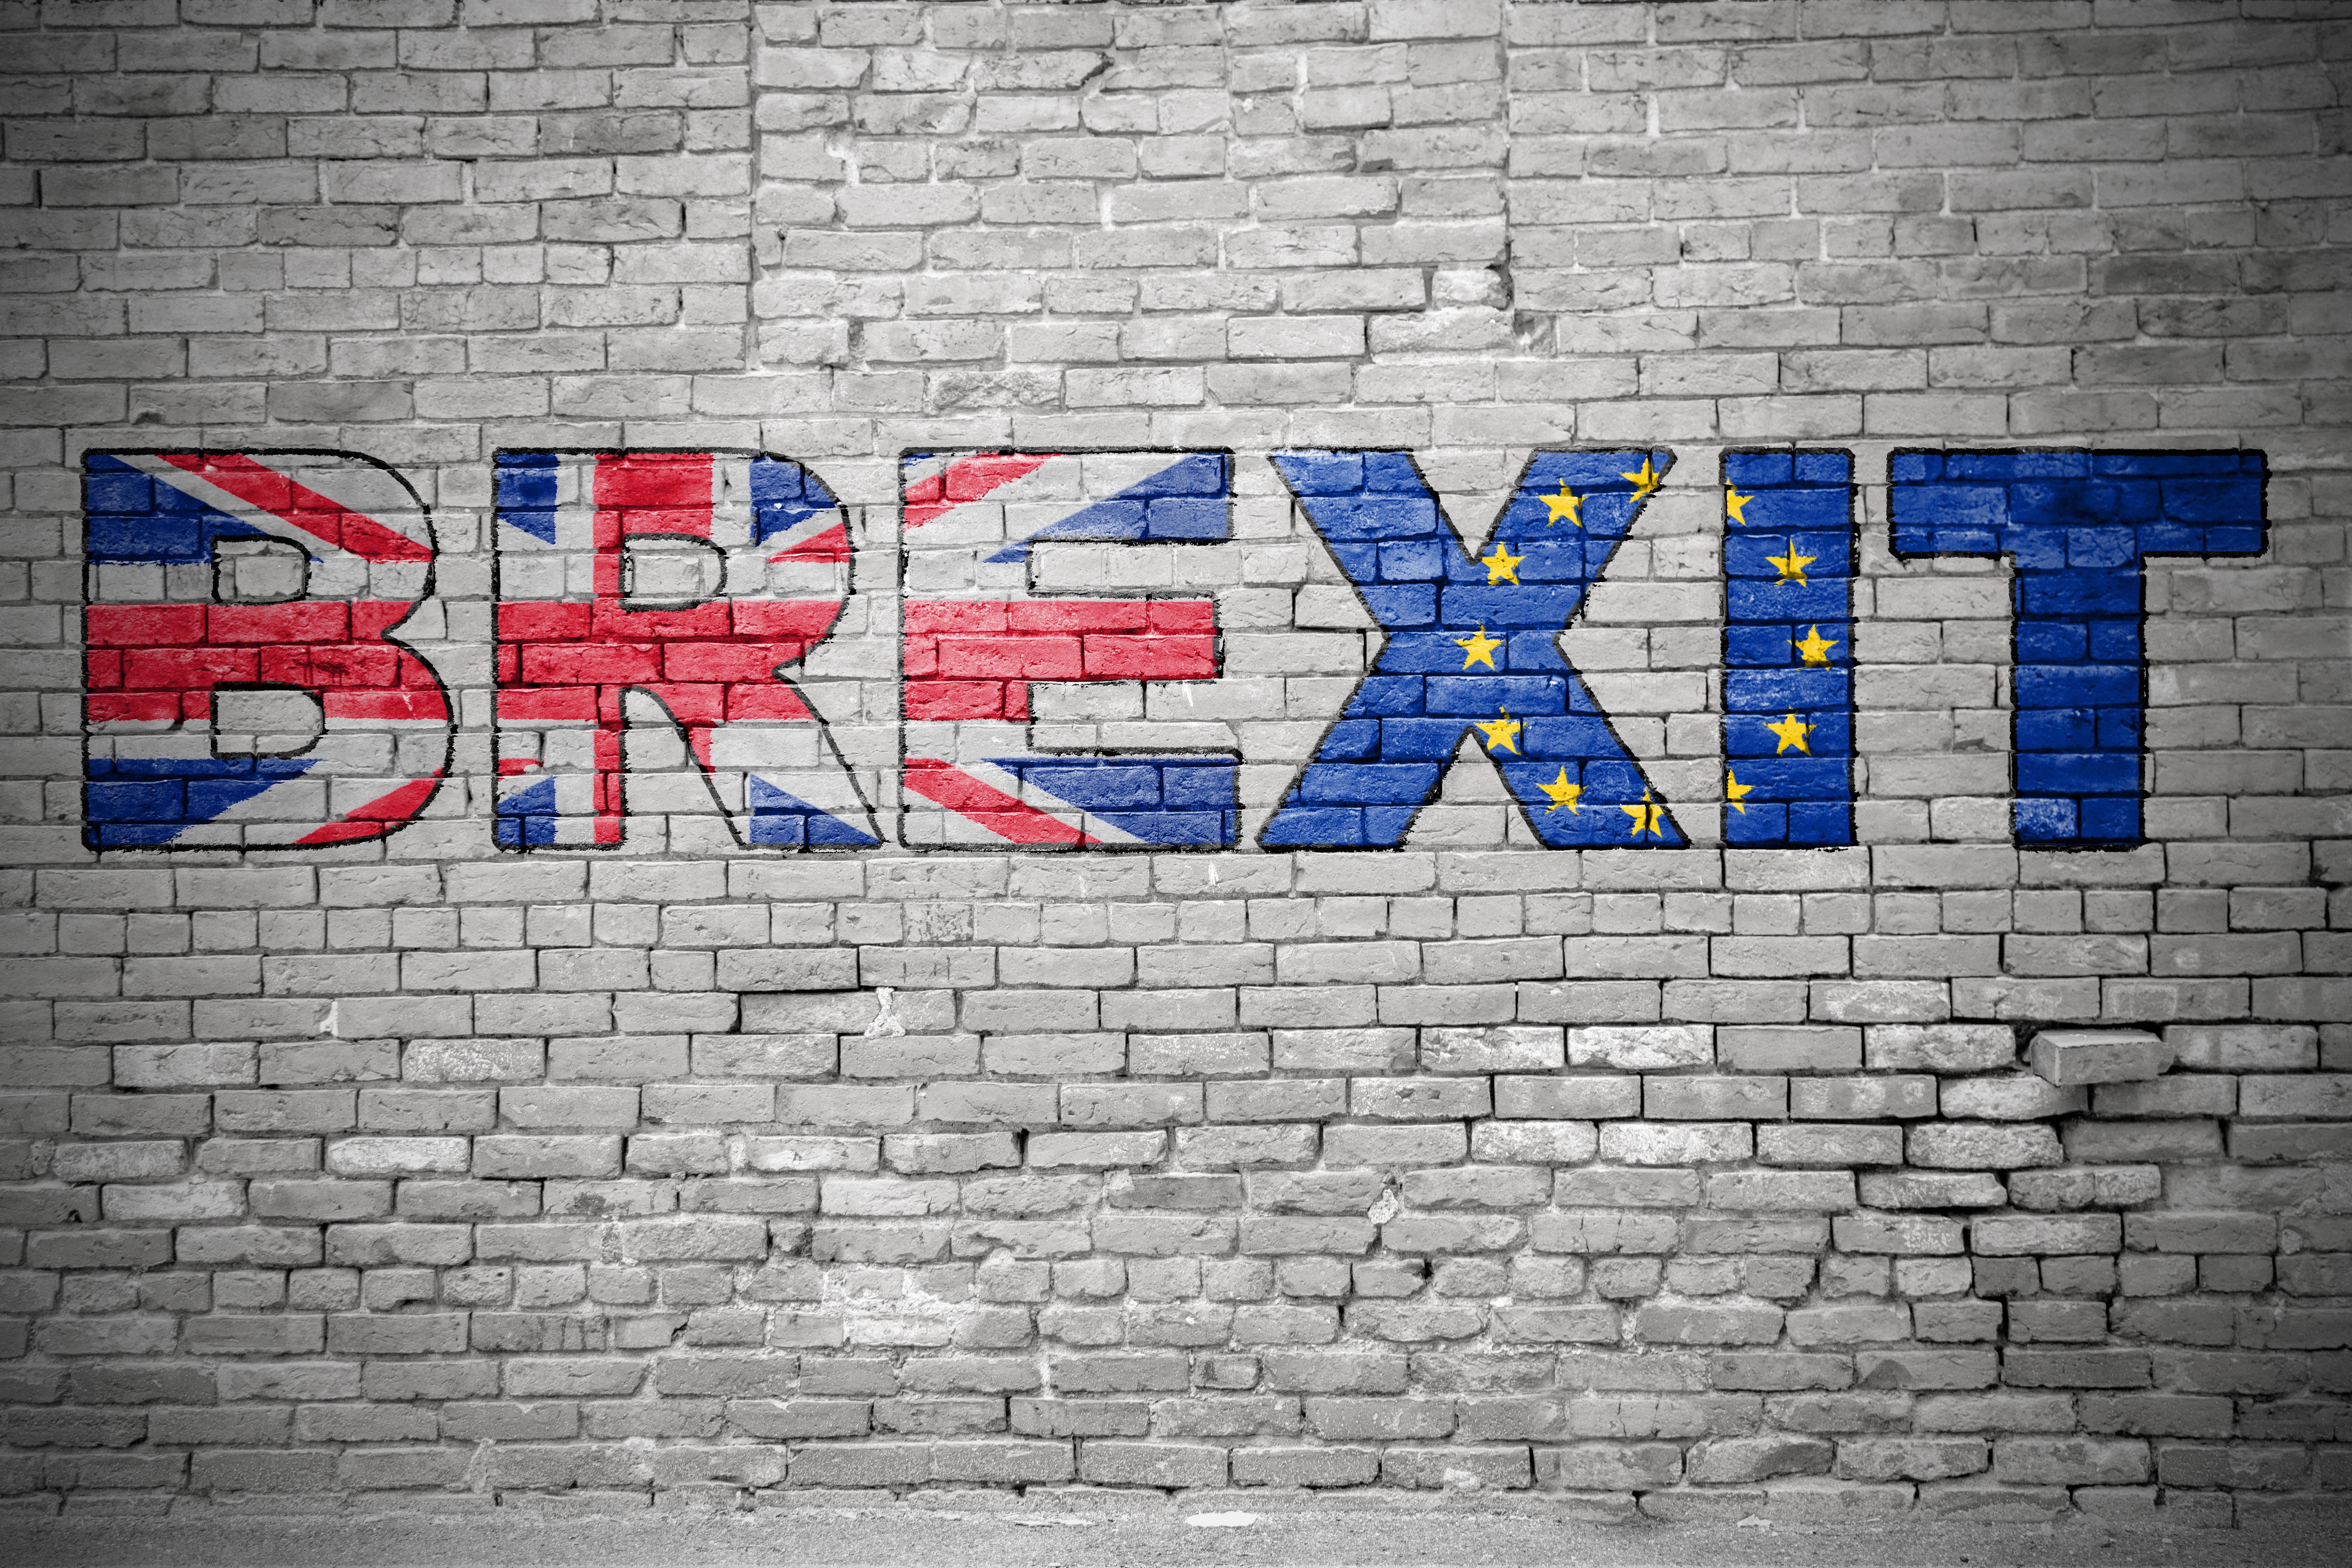 Brexit graffiti on a wall